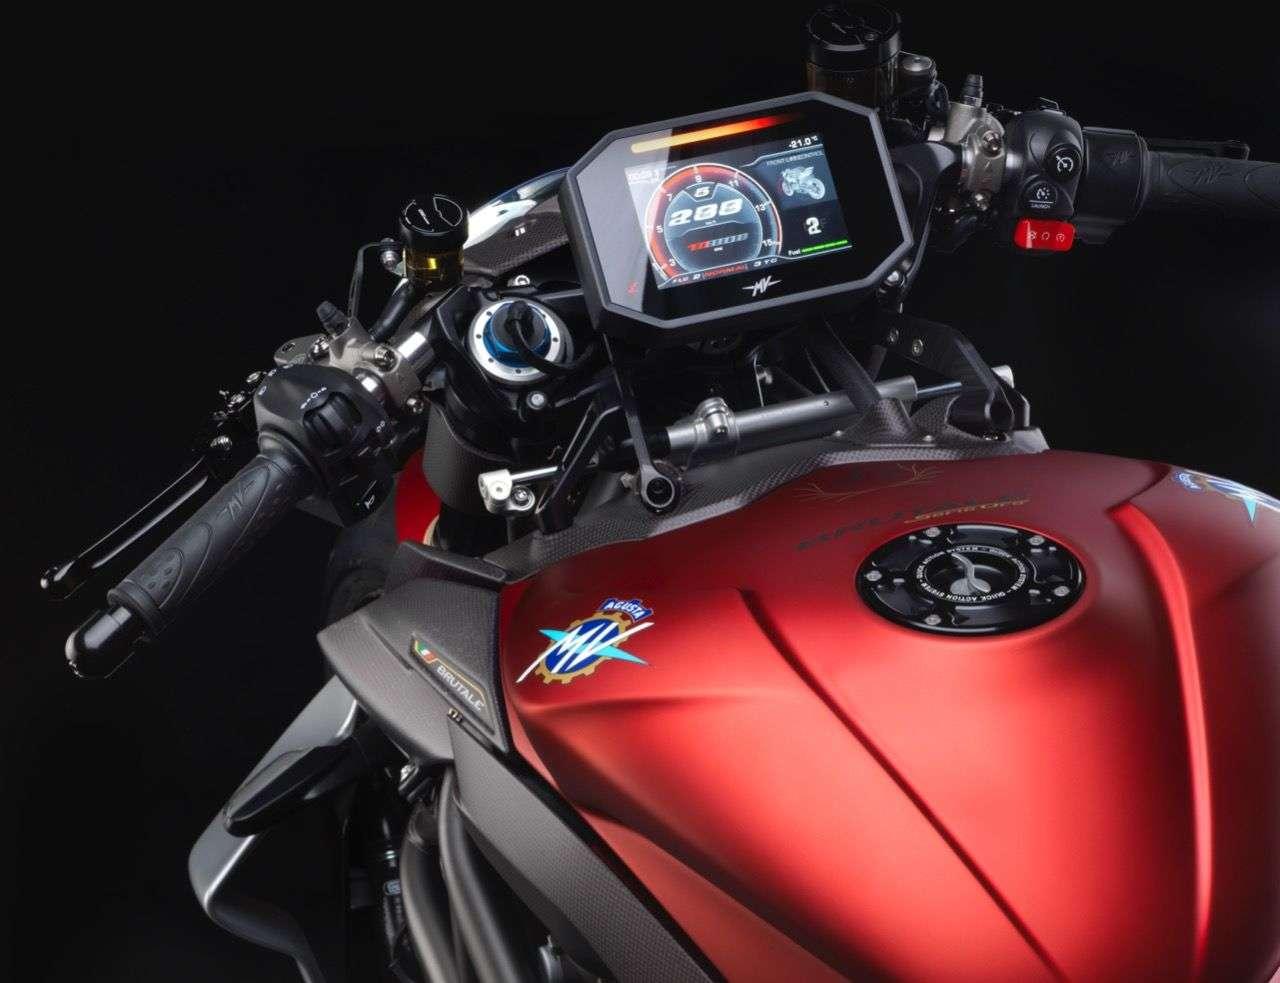 Normalerweise taugen uns TFT-Bildschirme, bei der MV Agusta Brutale 1000 Serie Oro sind wir uns da nicht so sicher ... die Oberfläche sieht aber sehr fein aus. Das Naget Bike ist übrigens keineswegs ein Single Seater: Statt der Carbon-Abdeckung (rechts, wird mitgeliefert), kann man einen Sattel für mutige Beifahrer montieren.